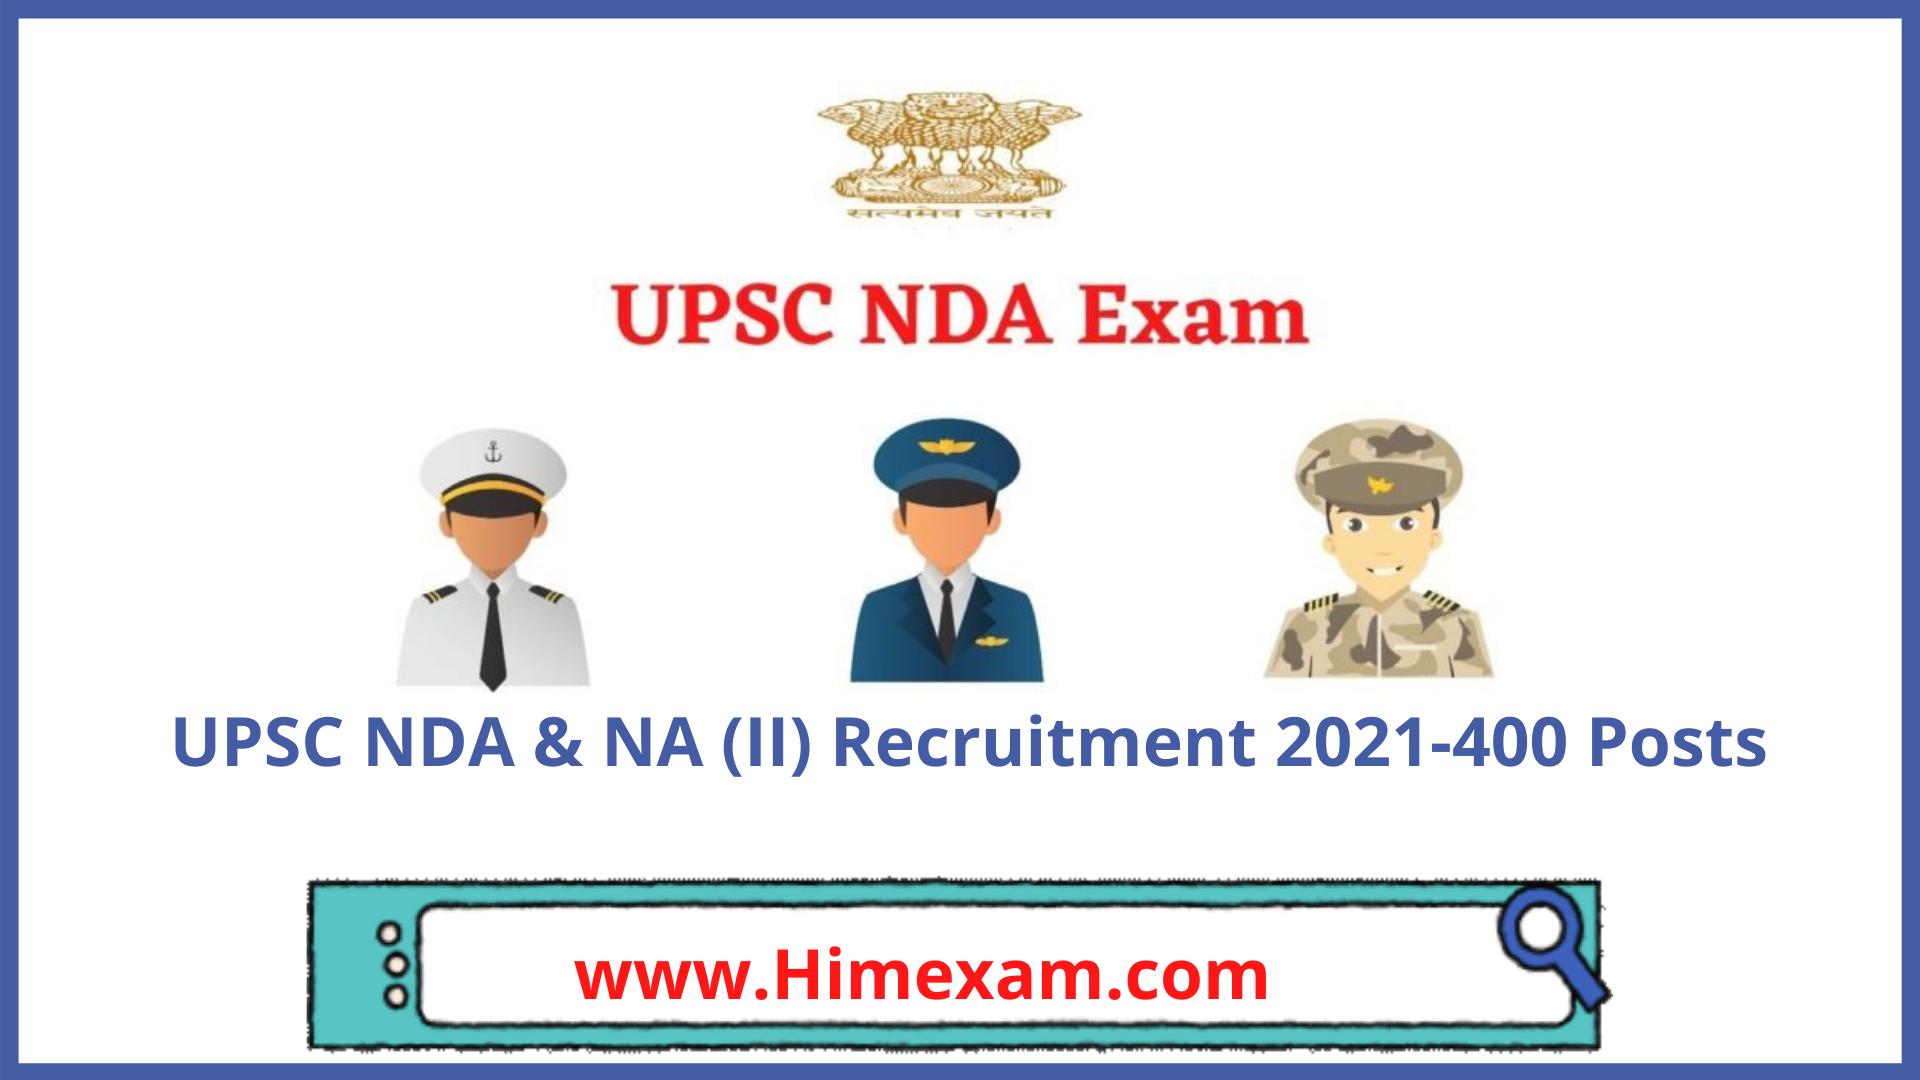 UPSC NDA & NA (II) Recruitment 2021-400 Posts